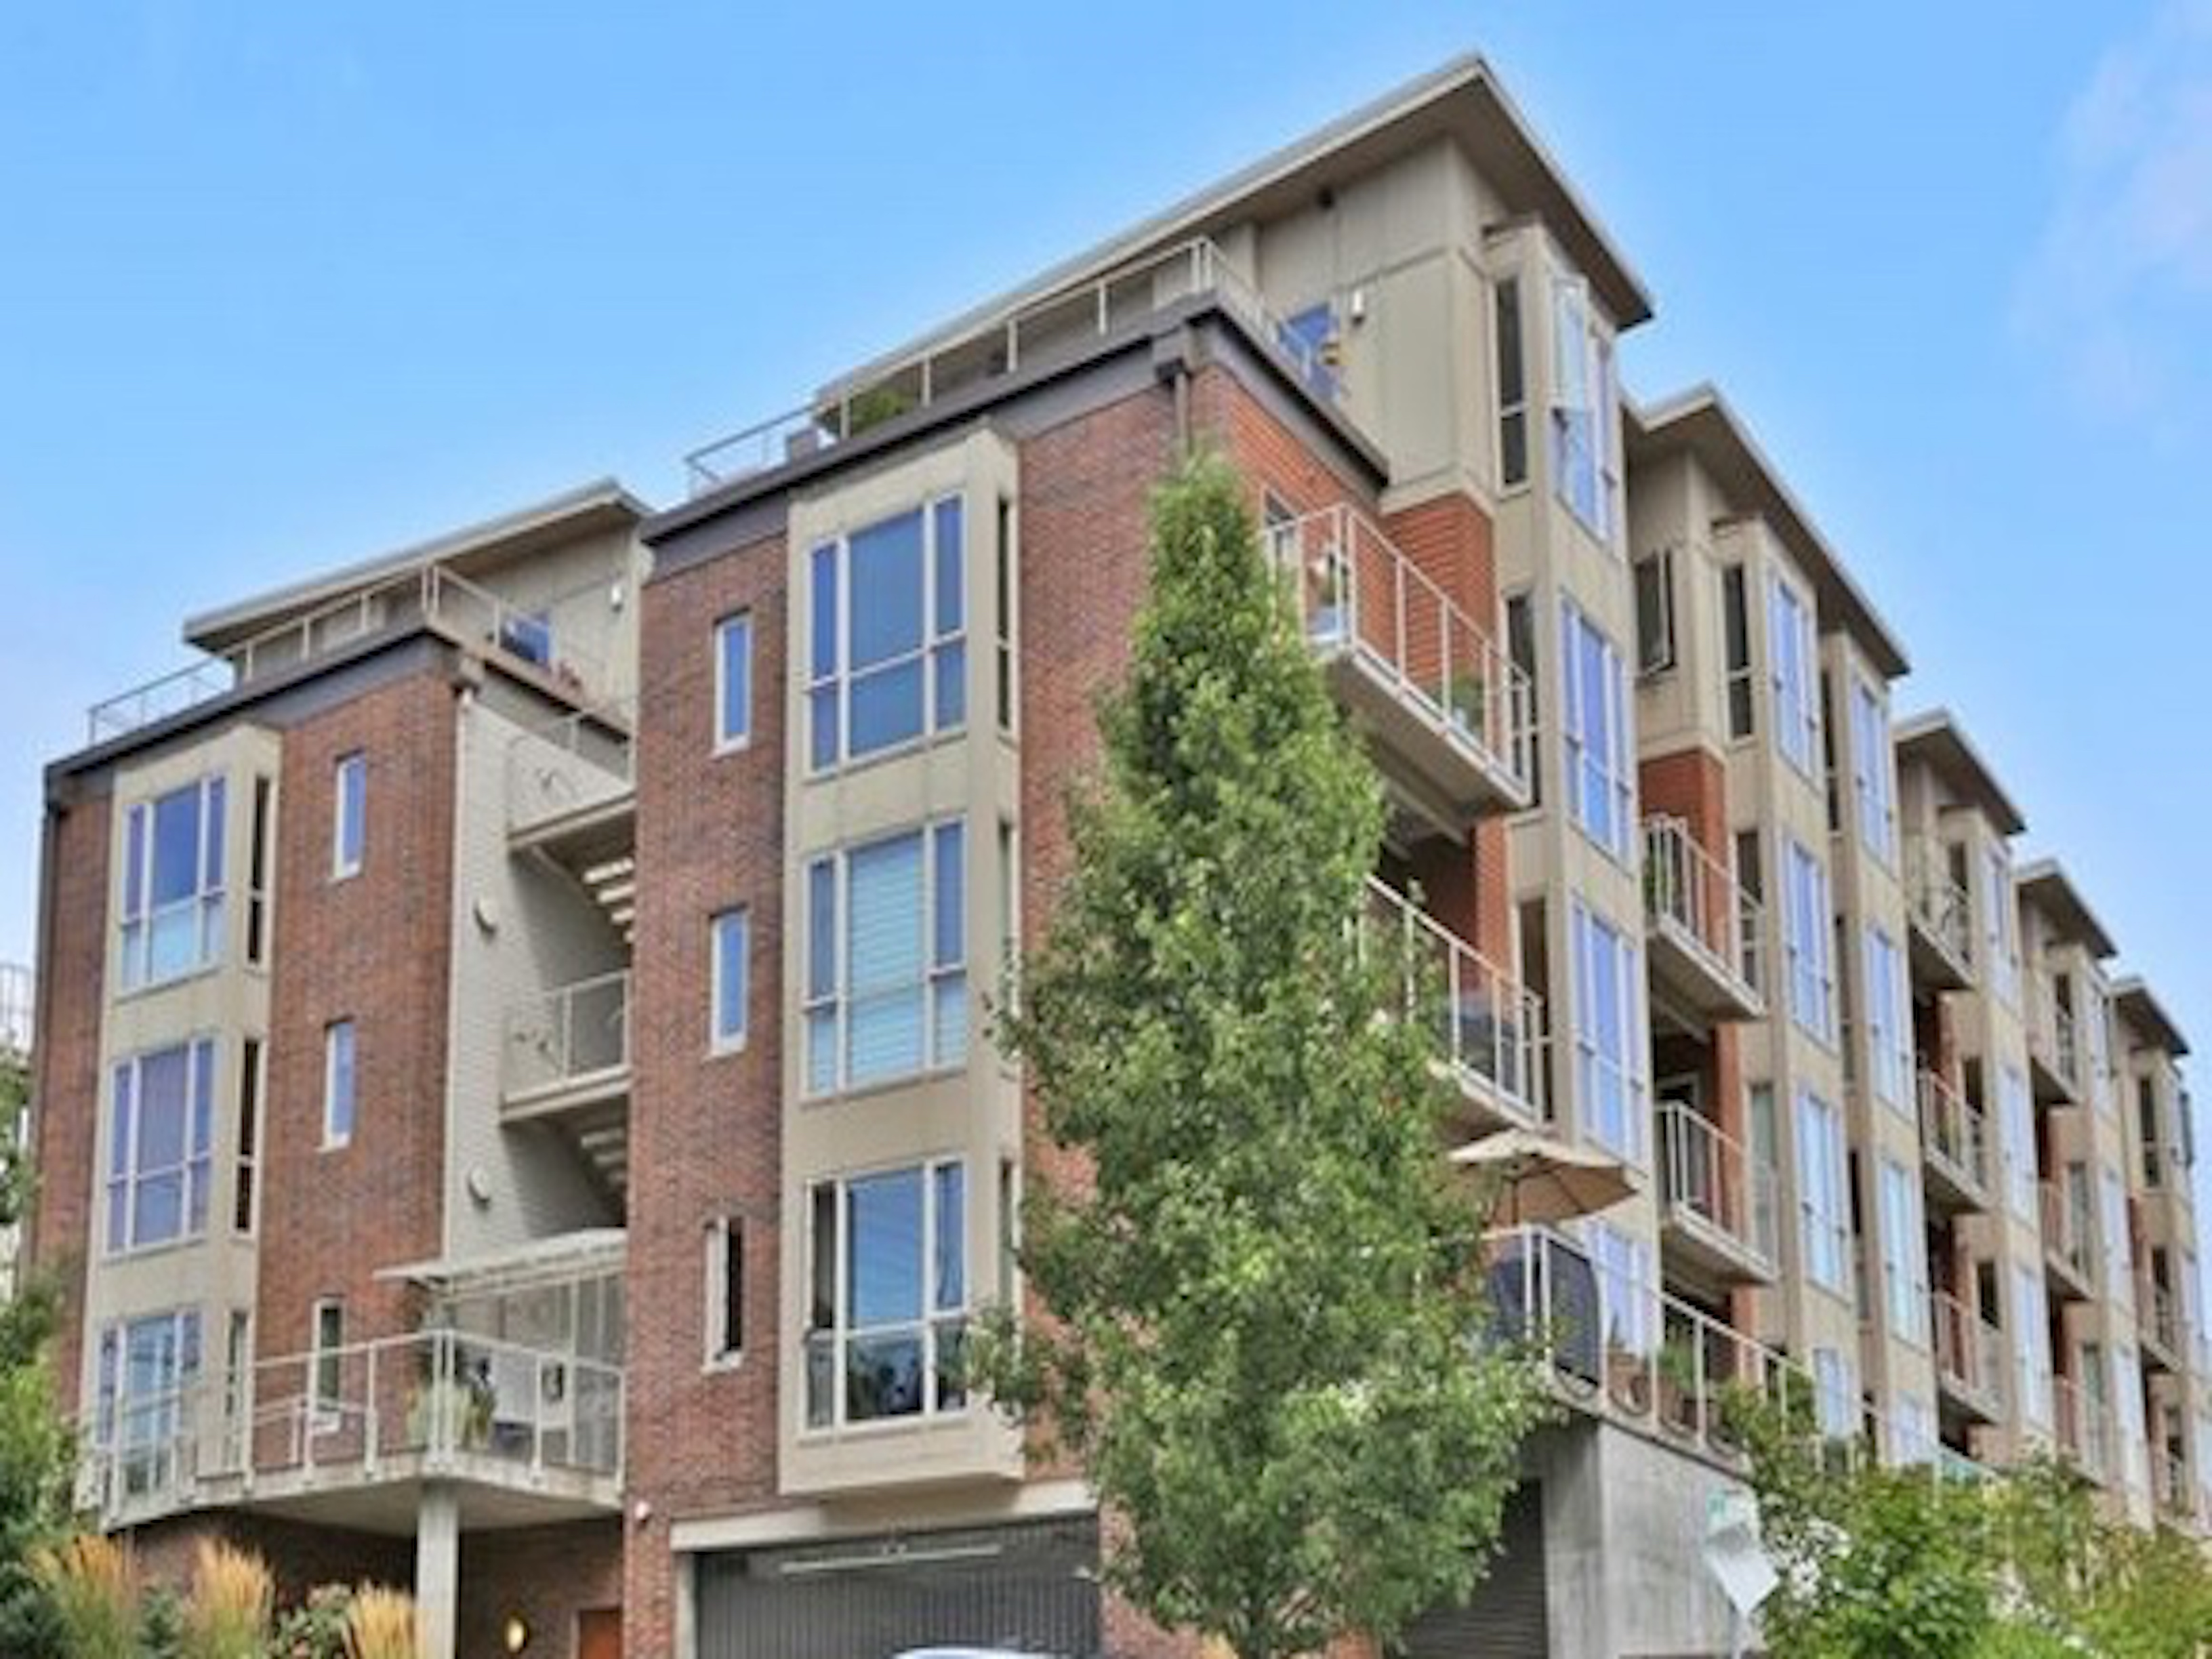 Portland Condos Condominiums Seth Cooper And Stacy Cooper - Condos condominiums